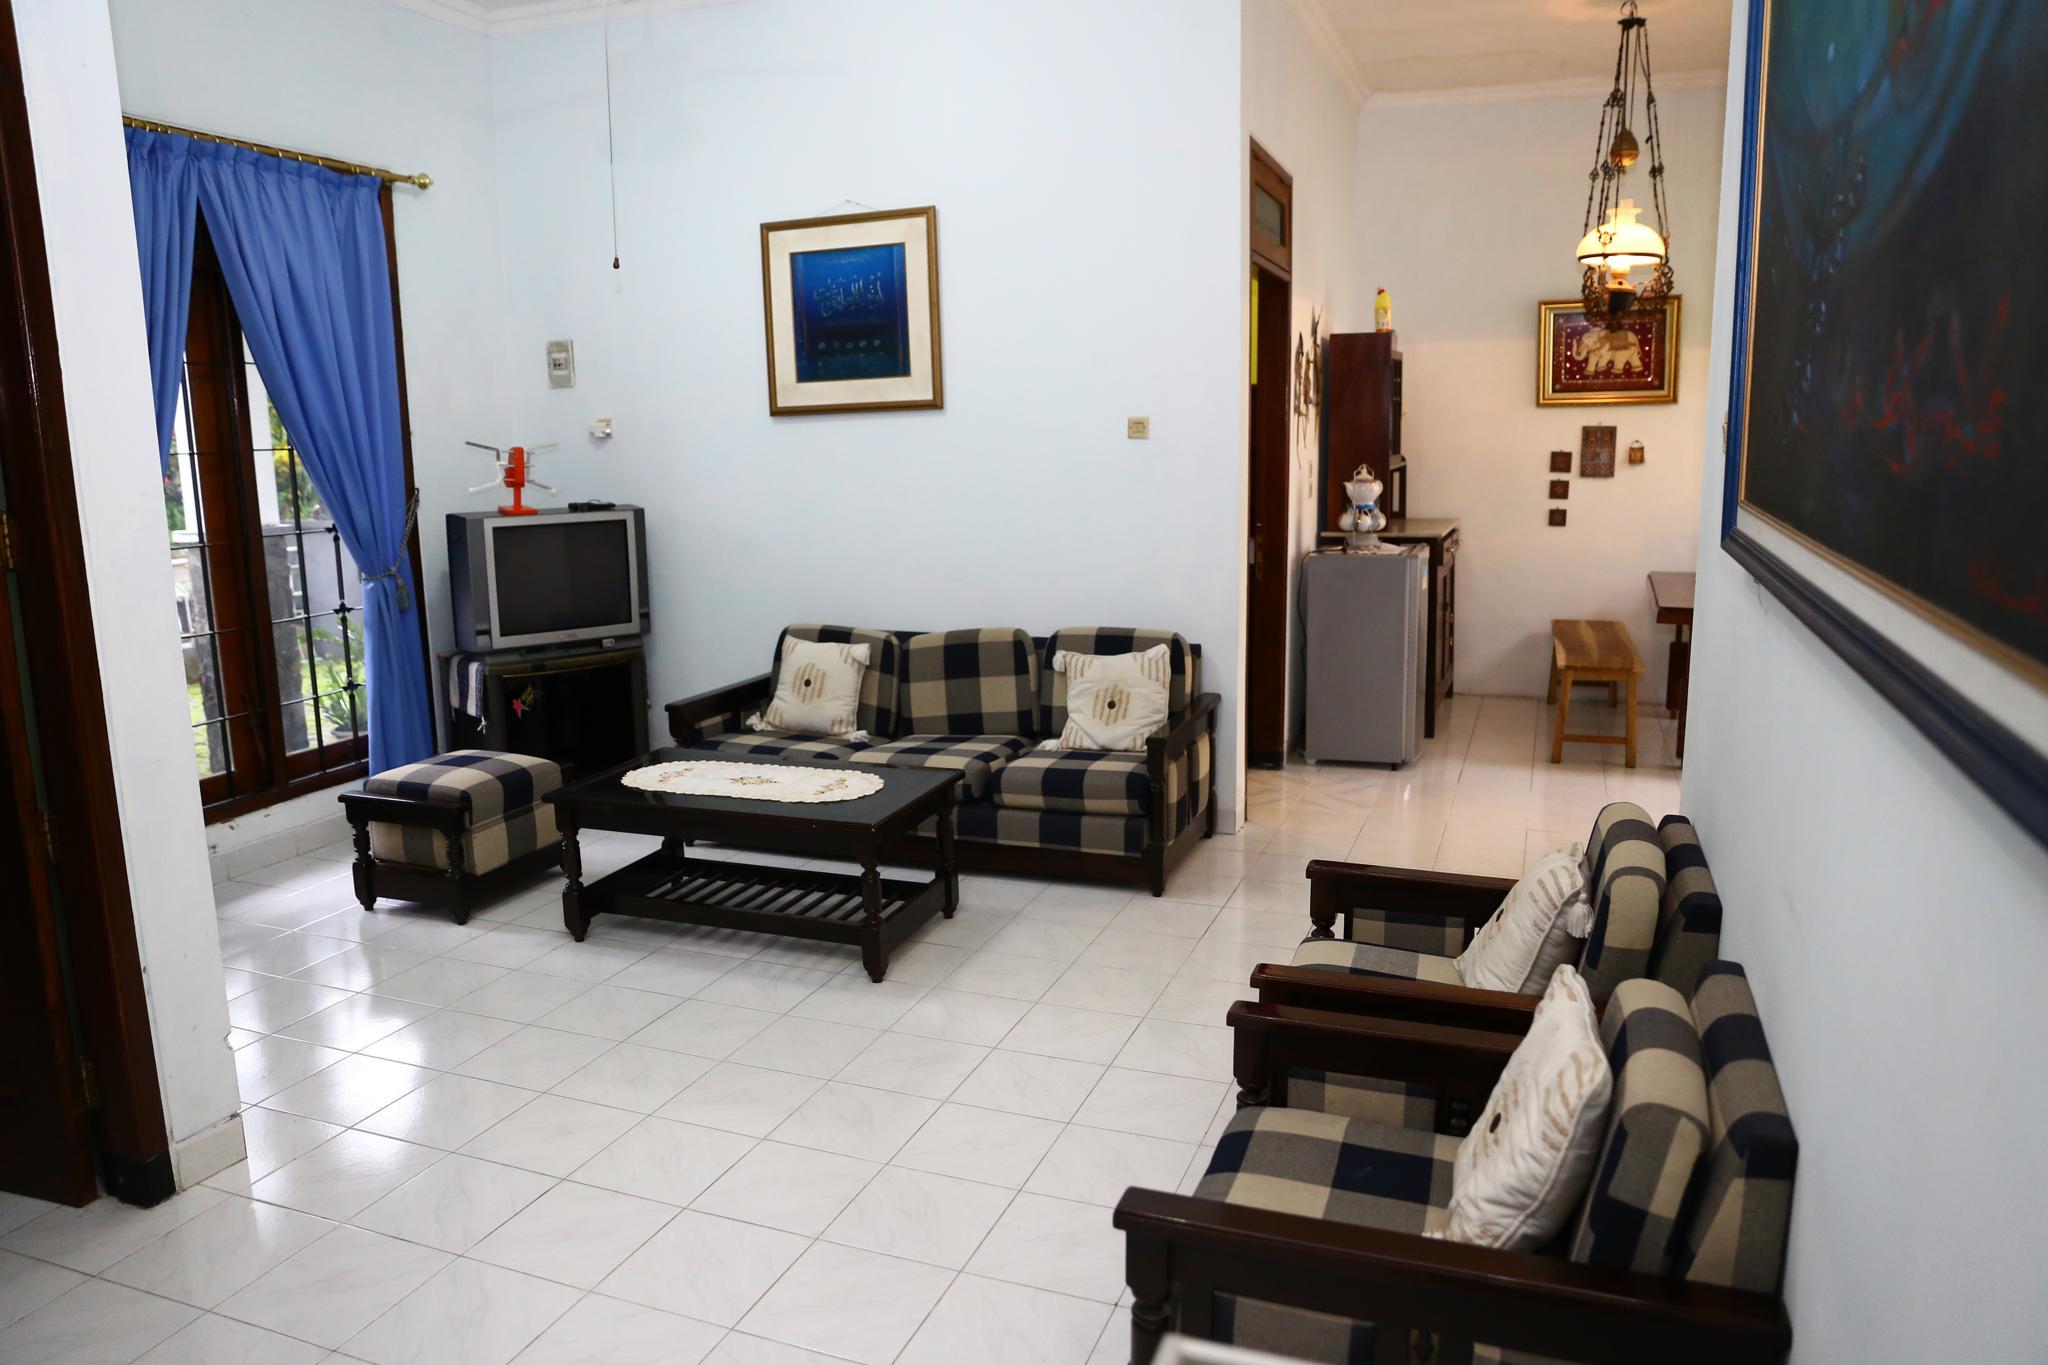 Homestay 5 kamar tidur di Perumahan Taman Cemara, Maguwoharjo